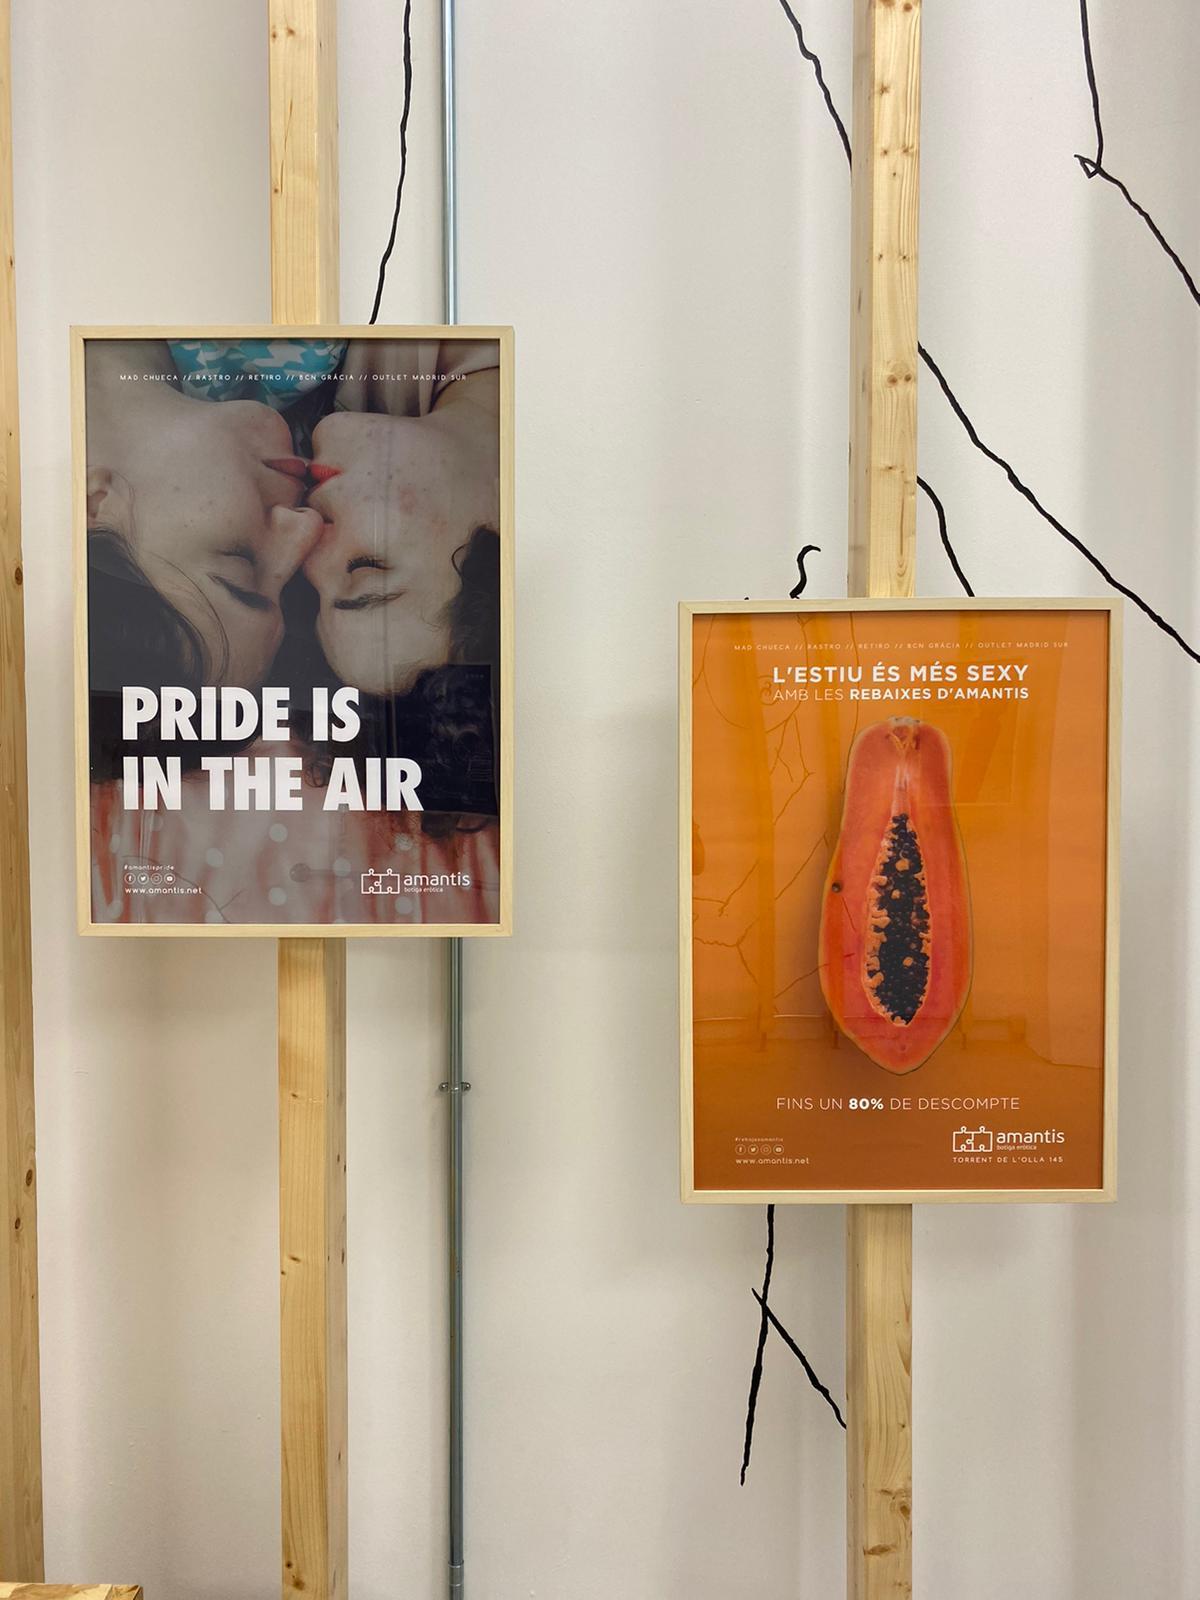 AMOR REAL: Historia de la sexualidad a través de las campañas de amantis | Exposición